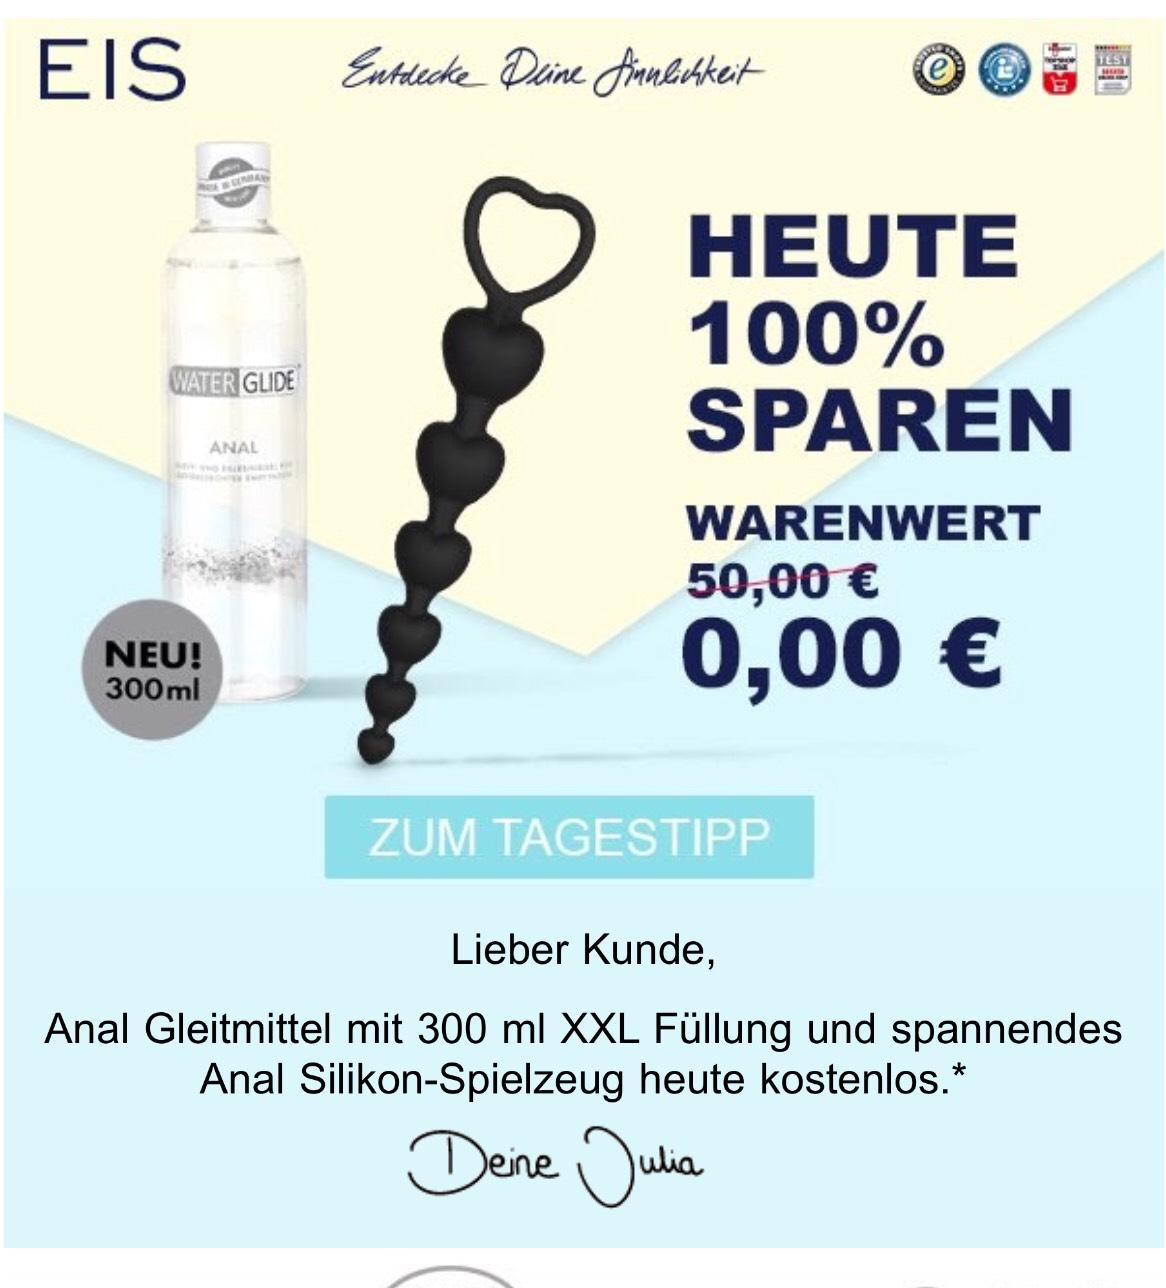 [Eis.de] Anal Gleitmittel + Spielzeug für lau (plus evt. Versandkosten)